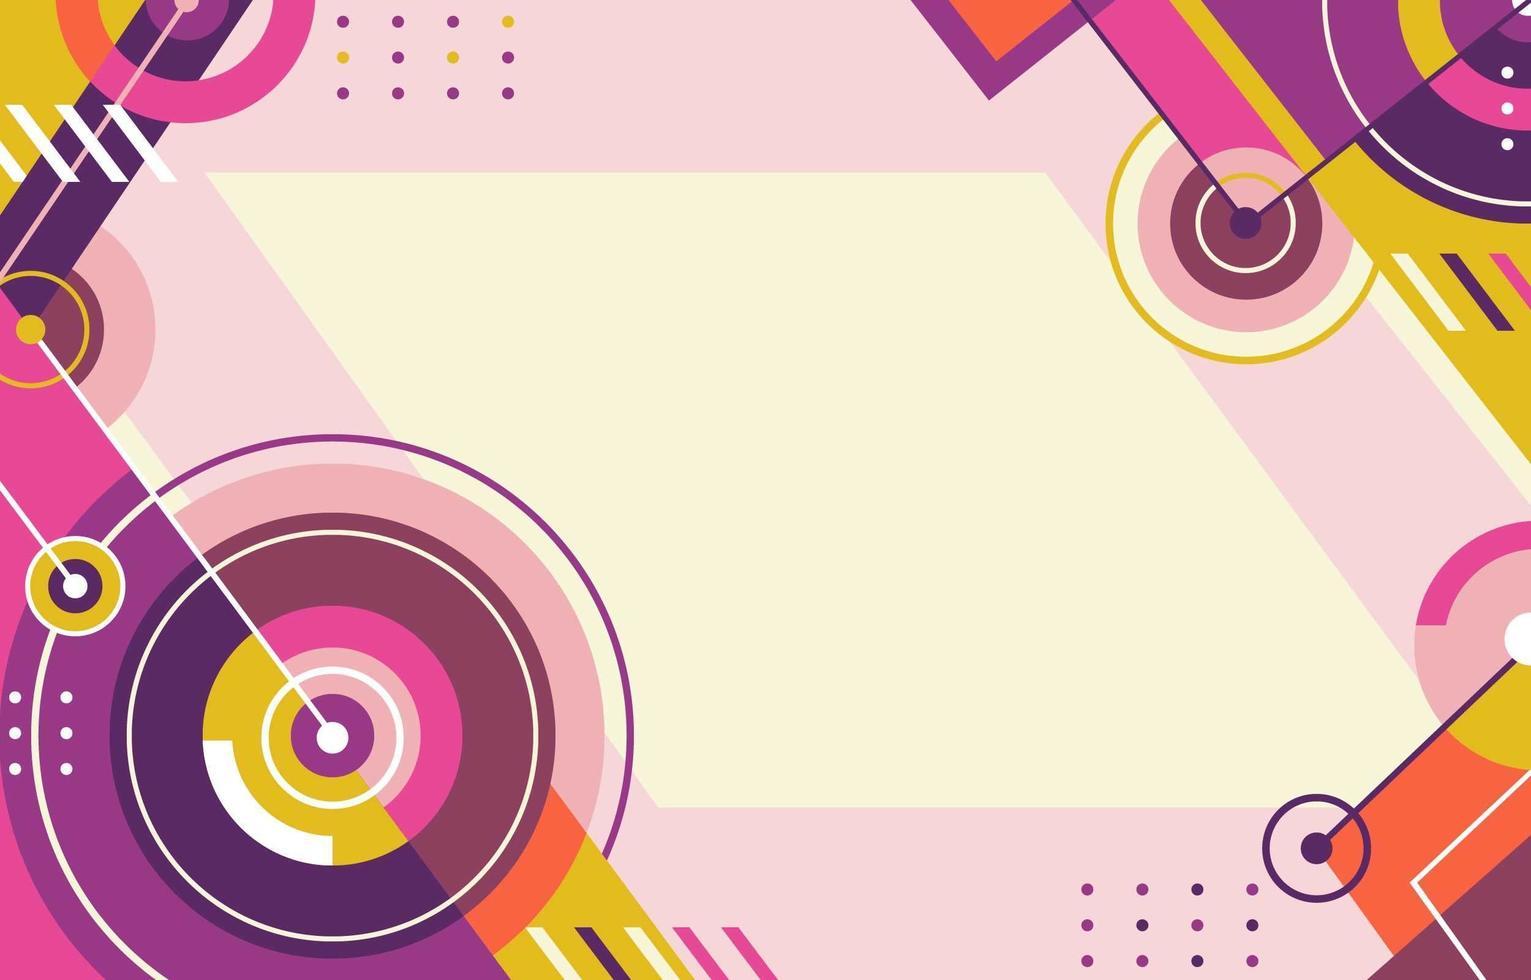 sfondo sonar astratto in giallo e viola vettore